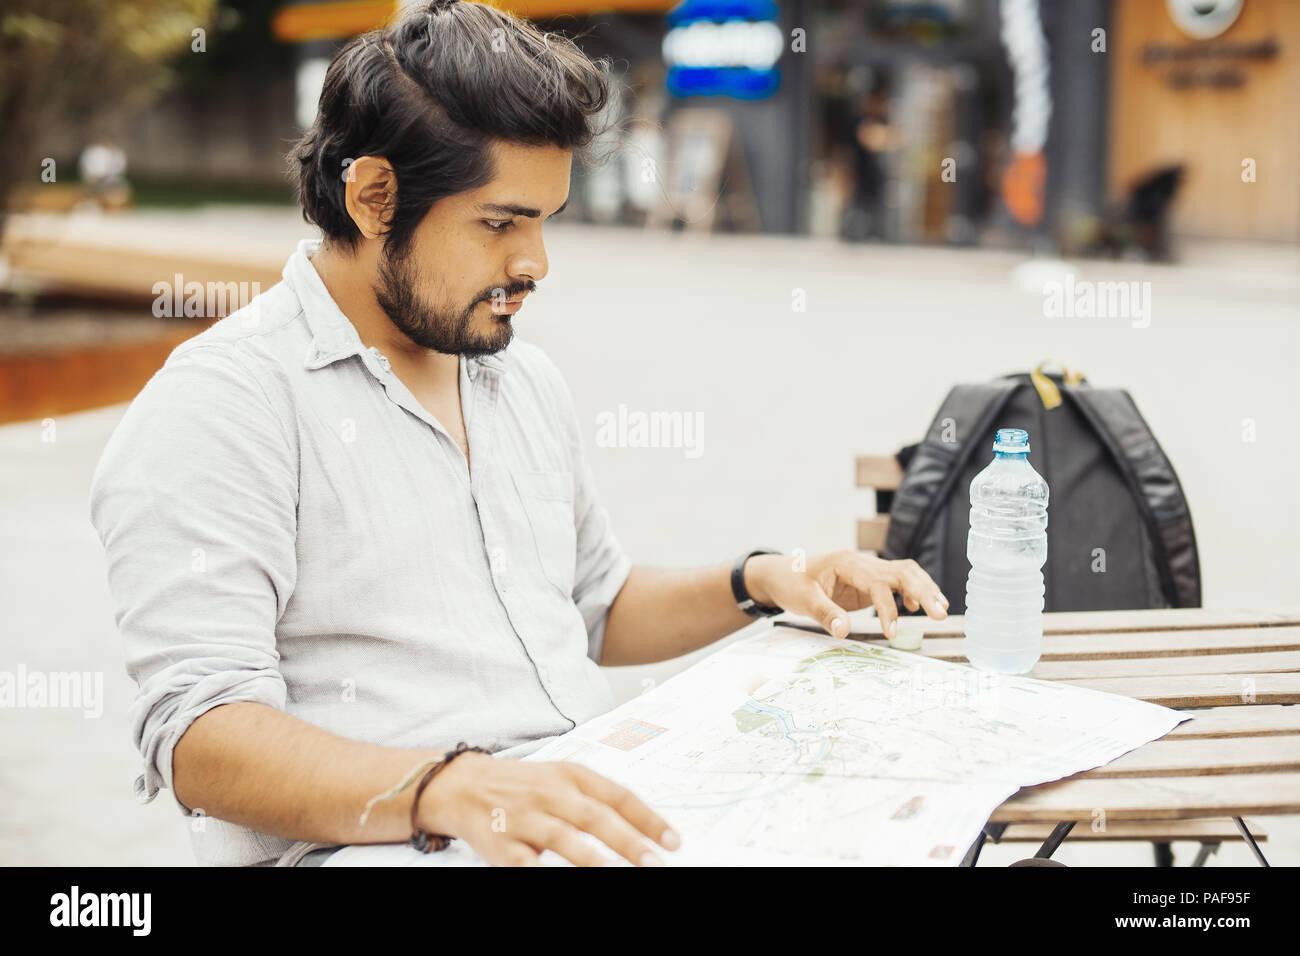 Uomo seduto al street cafe e guardando la mappa. Accanto all uomo è acqua in bottiglia. Immagini Stock